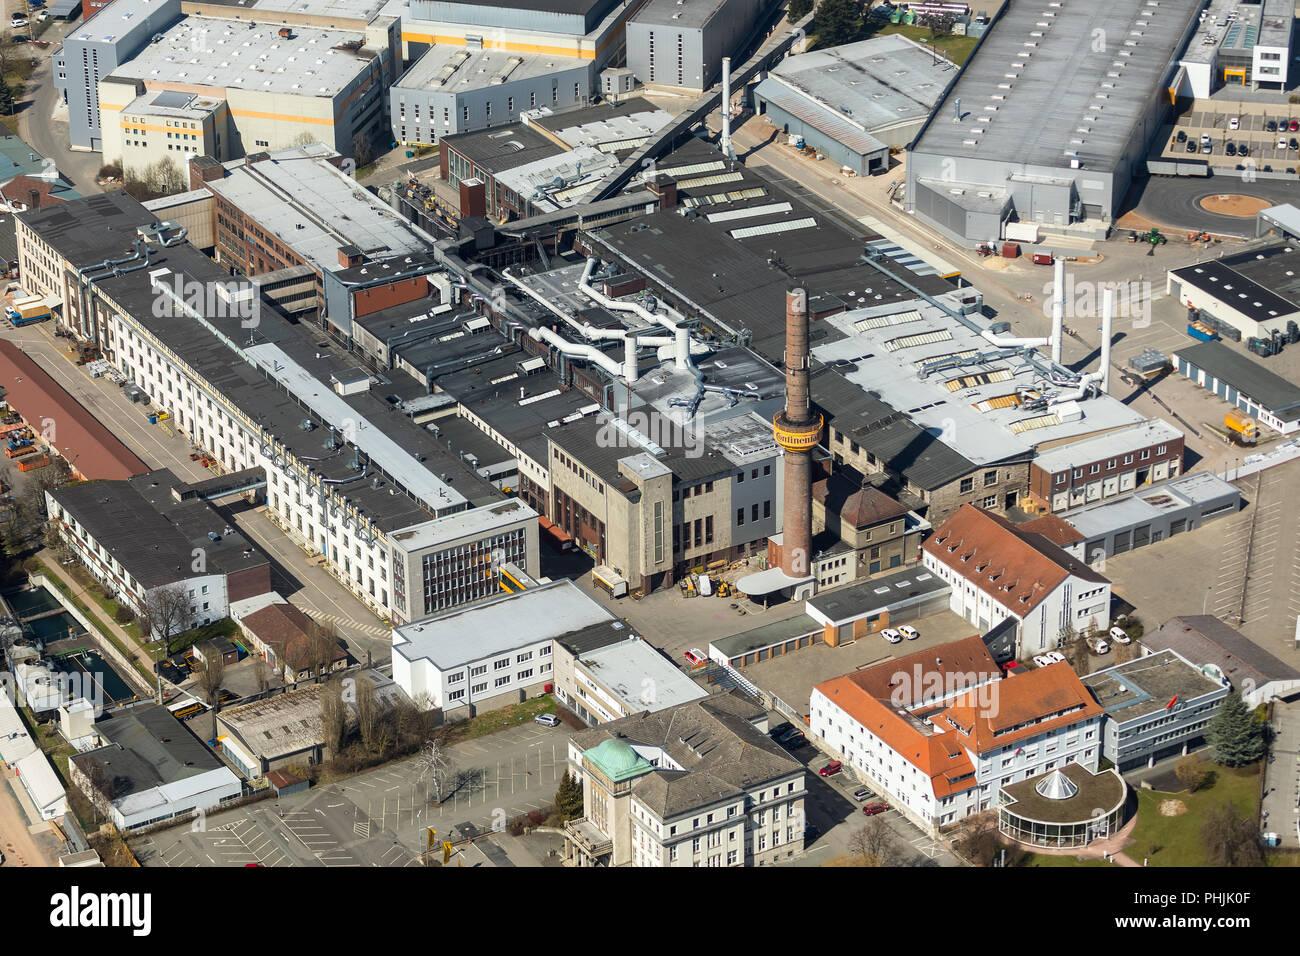 Continental Reifen Deutschland GmbH Korbach plant in Korbach